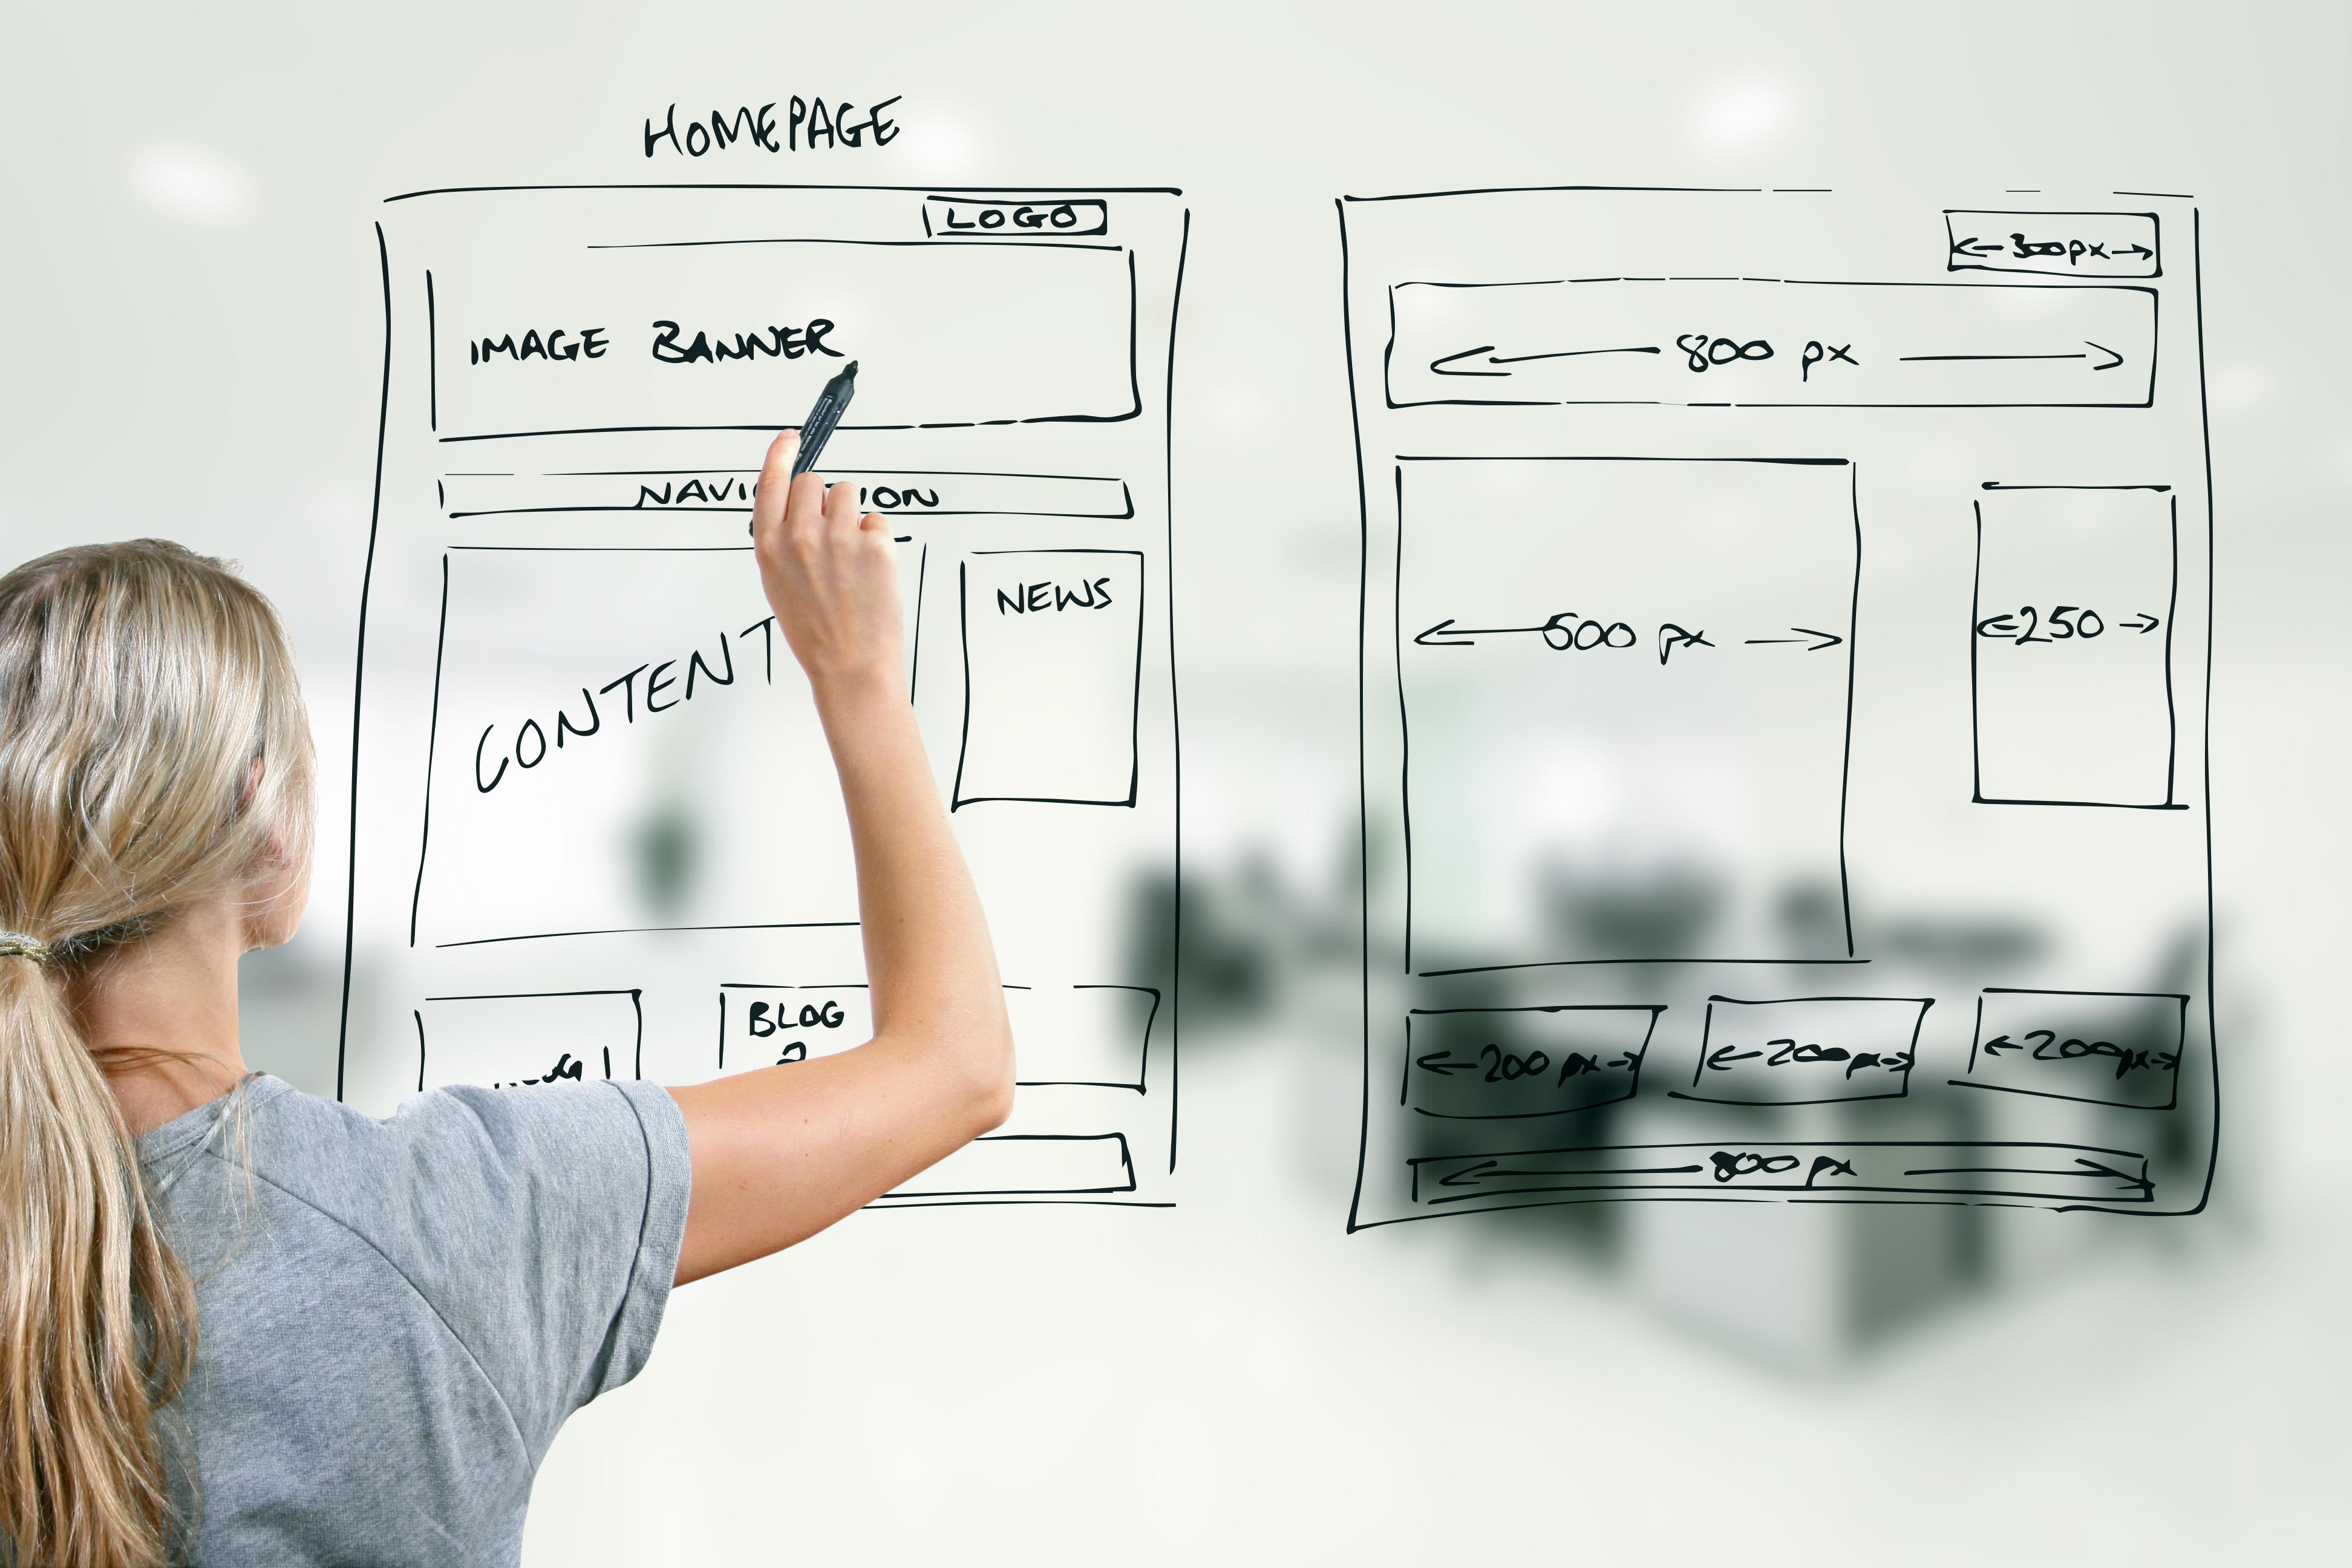 ホームページのデザインに必須な5つのコツ